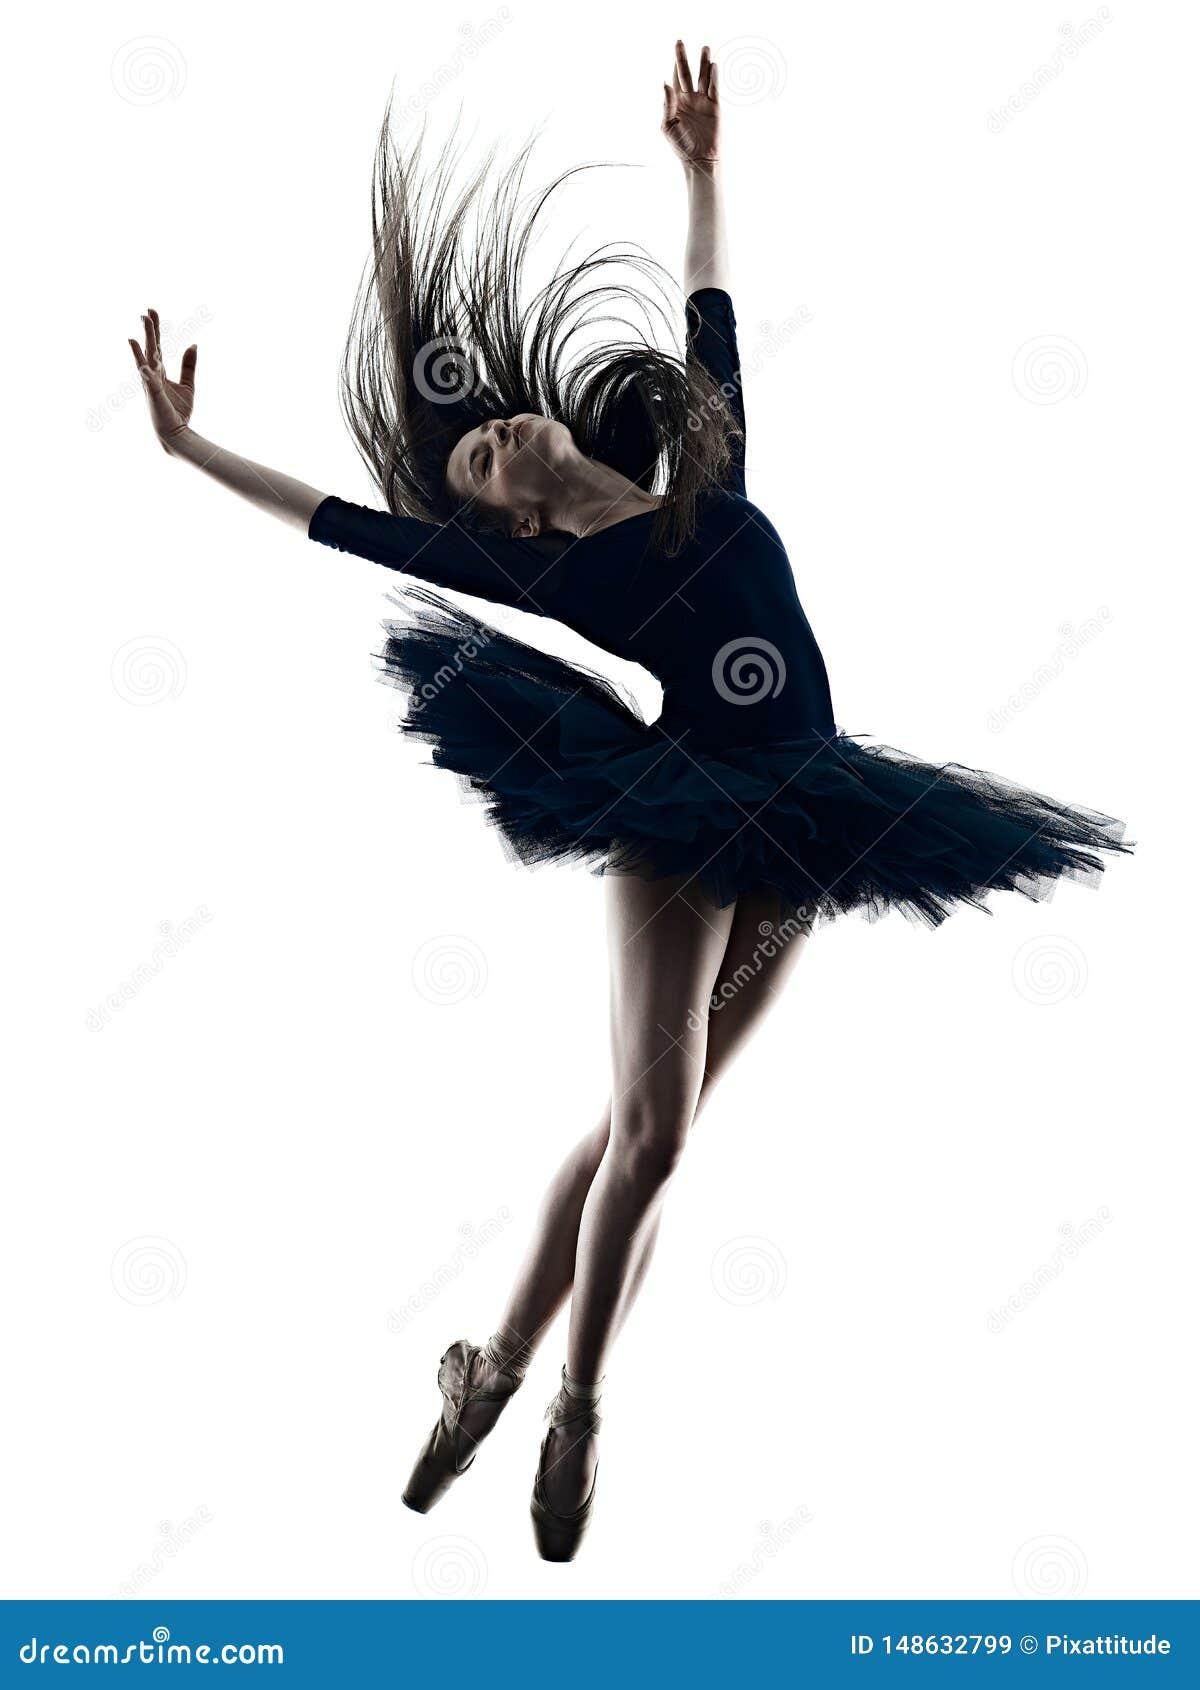 Jong de balletdanser dansend geïsoleerd wit van de vrouwenballerina silhouet als achtergrond